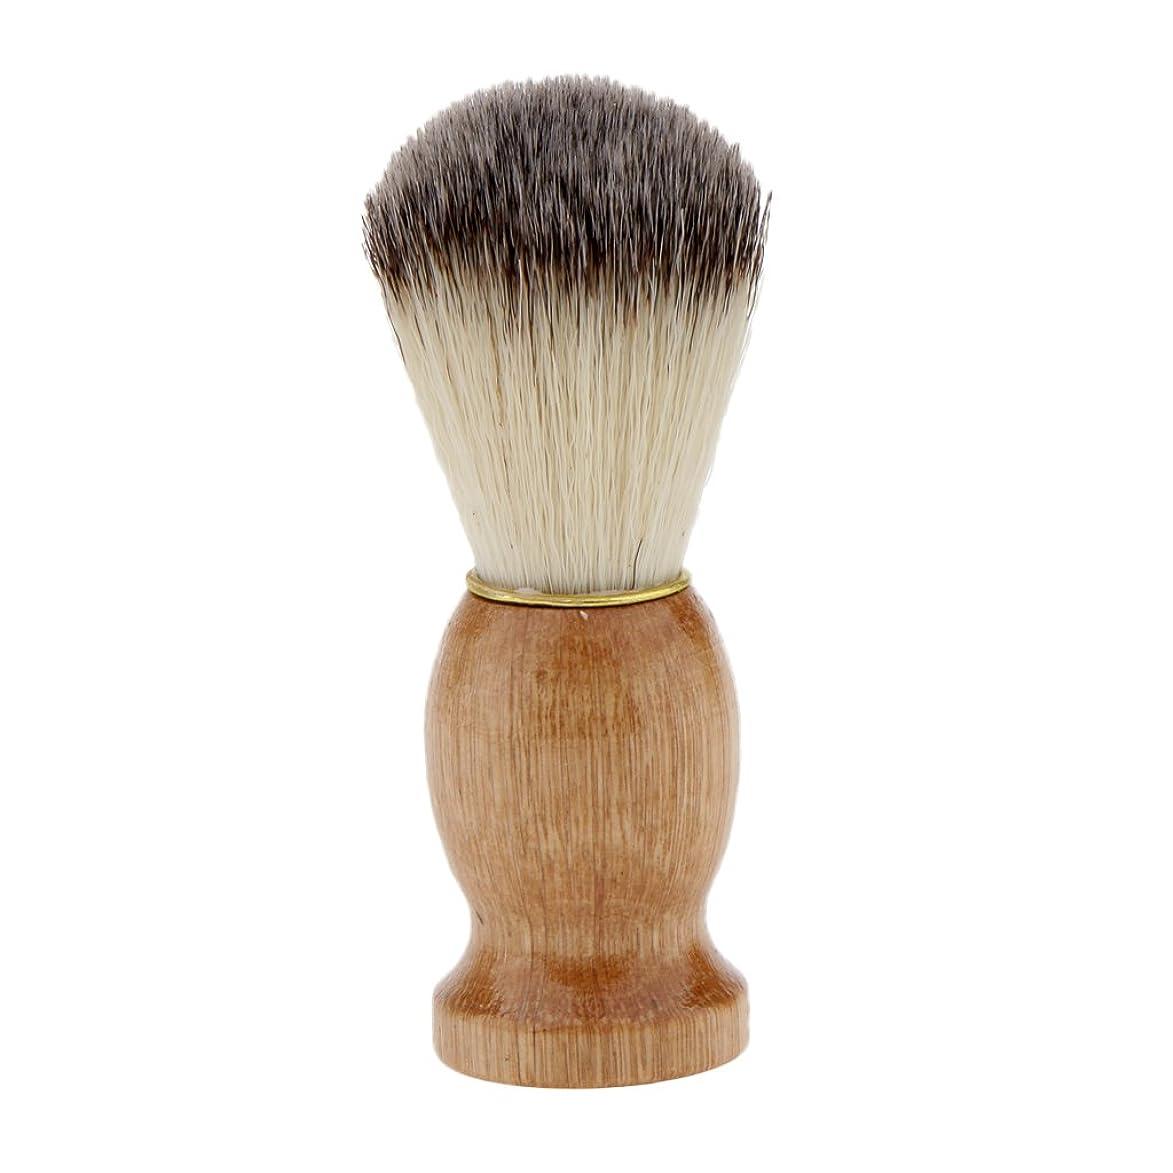 ホイットニーヒューズ挨拶CUTICATE シェービングブラシ 理容師 シェービングブラシ ひげ剃りブラシ コスメブラシ 木製ハンドル